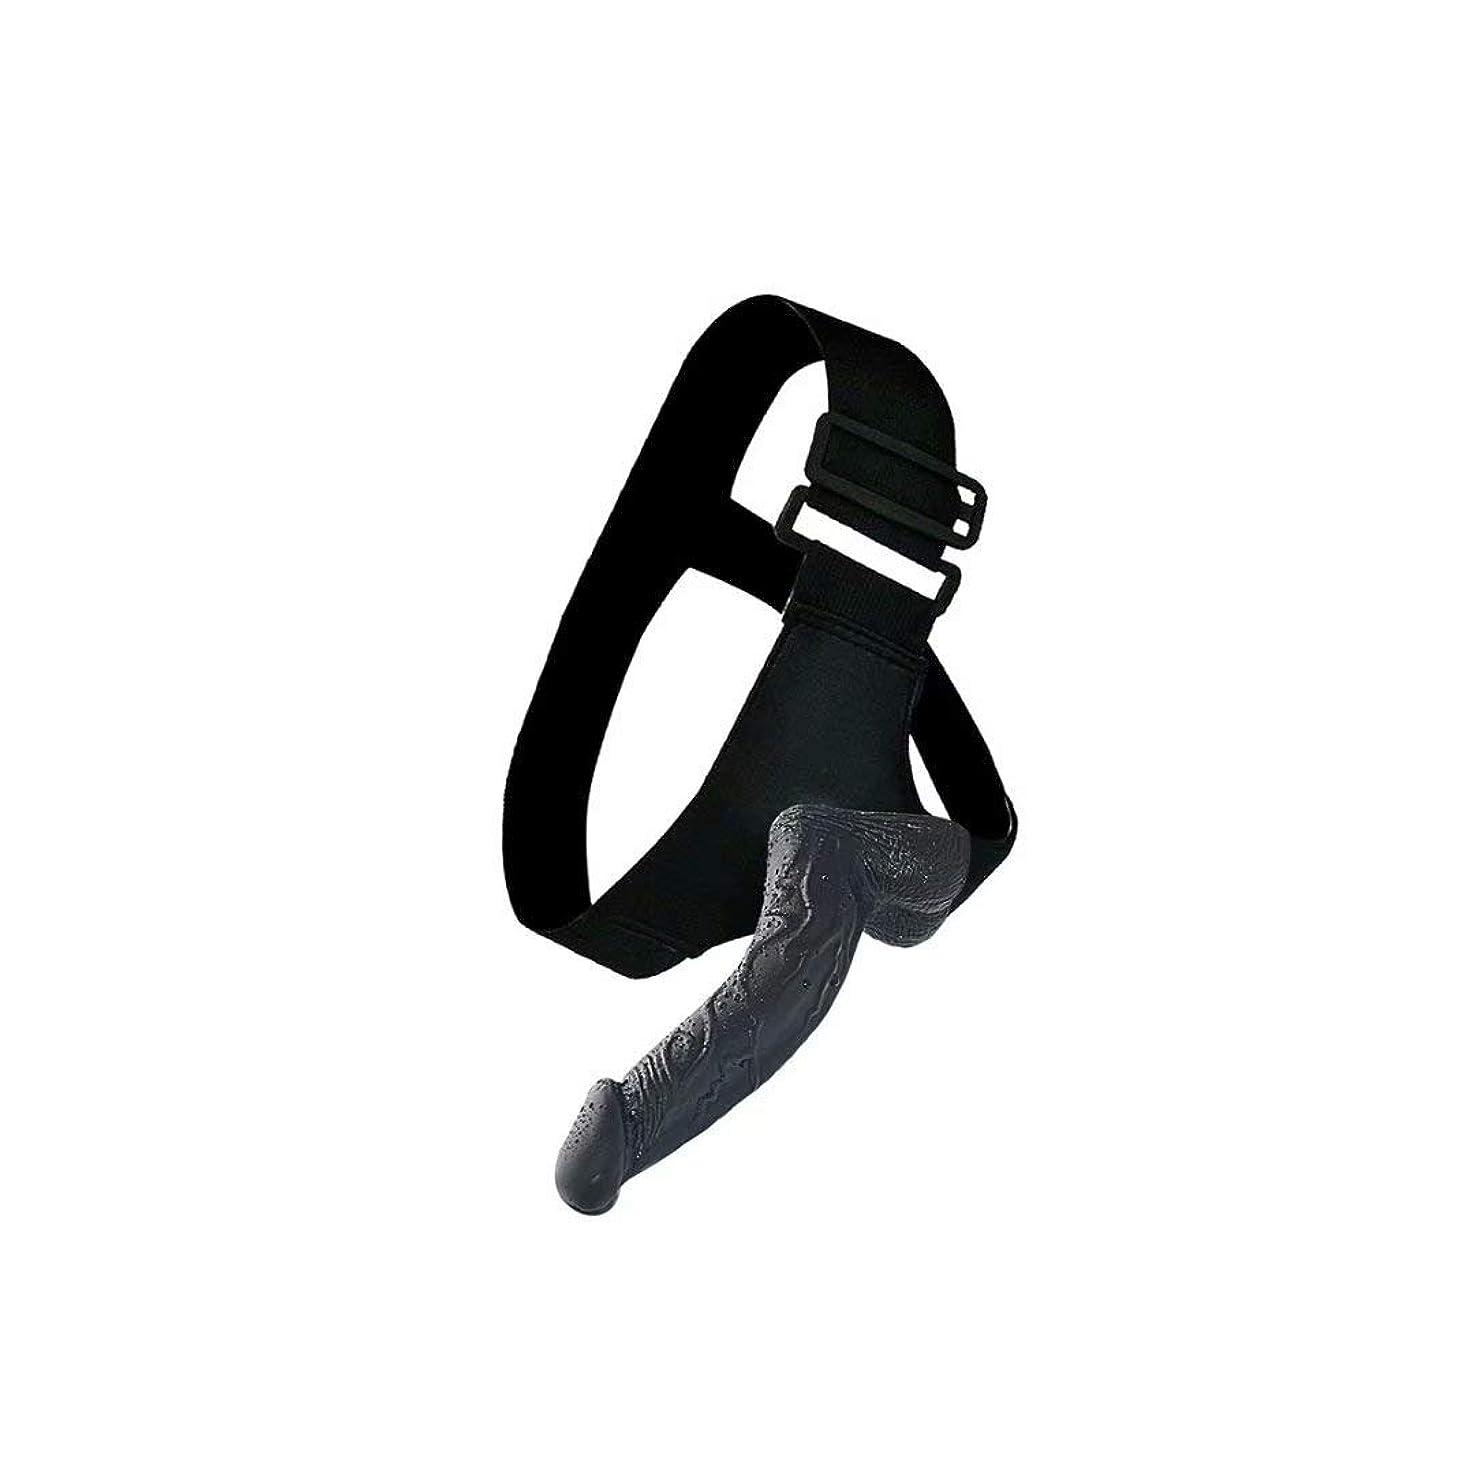 校長呼吸ポジティブユニークパーフェクト、 初心者向けのサクションカップベース付きソフトトイ ブラックPvc +レザーパンツ(l:21cm、W:4.5cm) ダブルリアルなパーソナルボディケアコンフォート感ツール